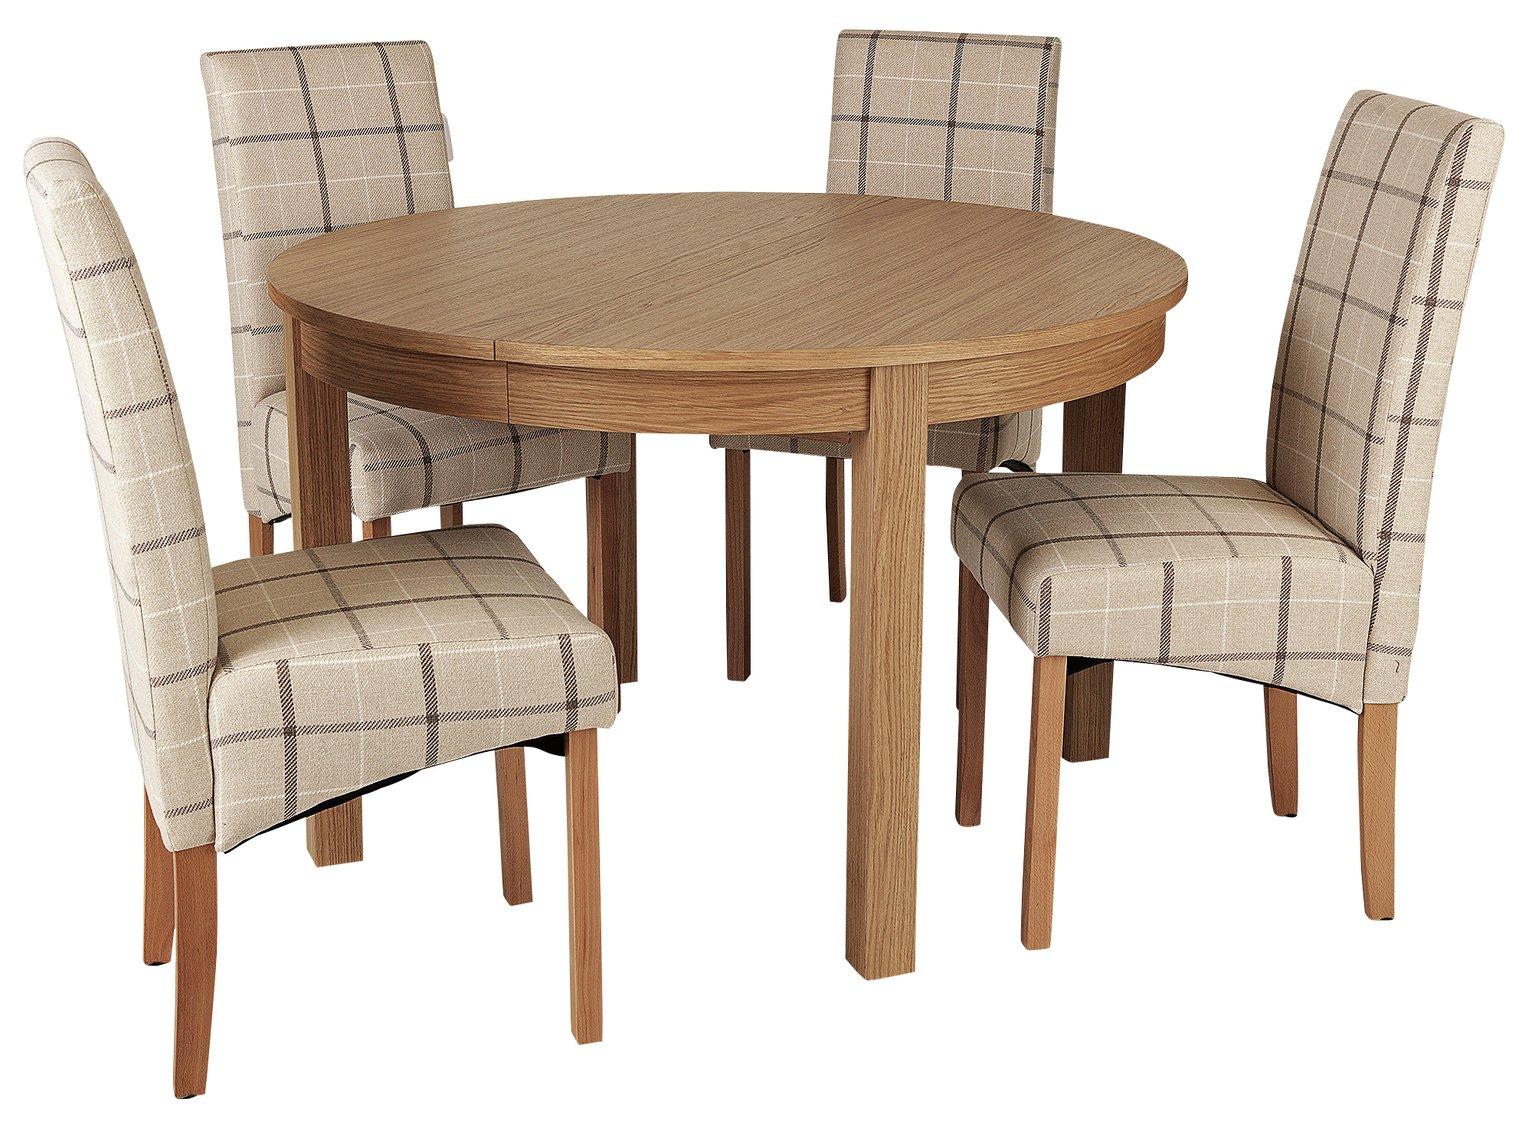 Argos Home Clifton Oak Extending Table & 4 Cream Check Chair